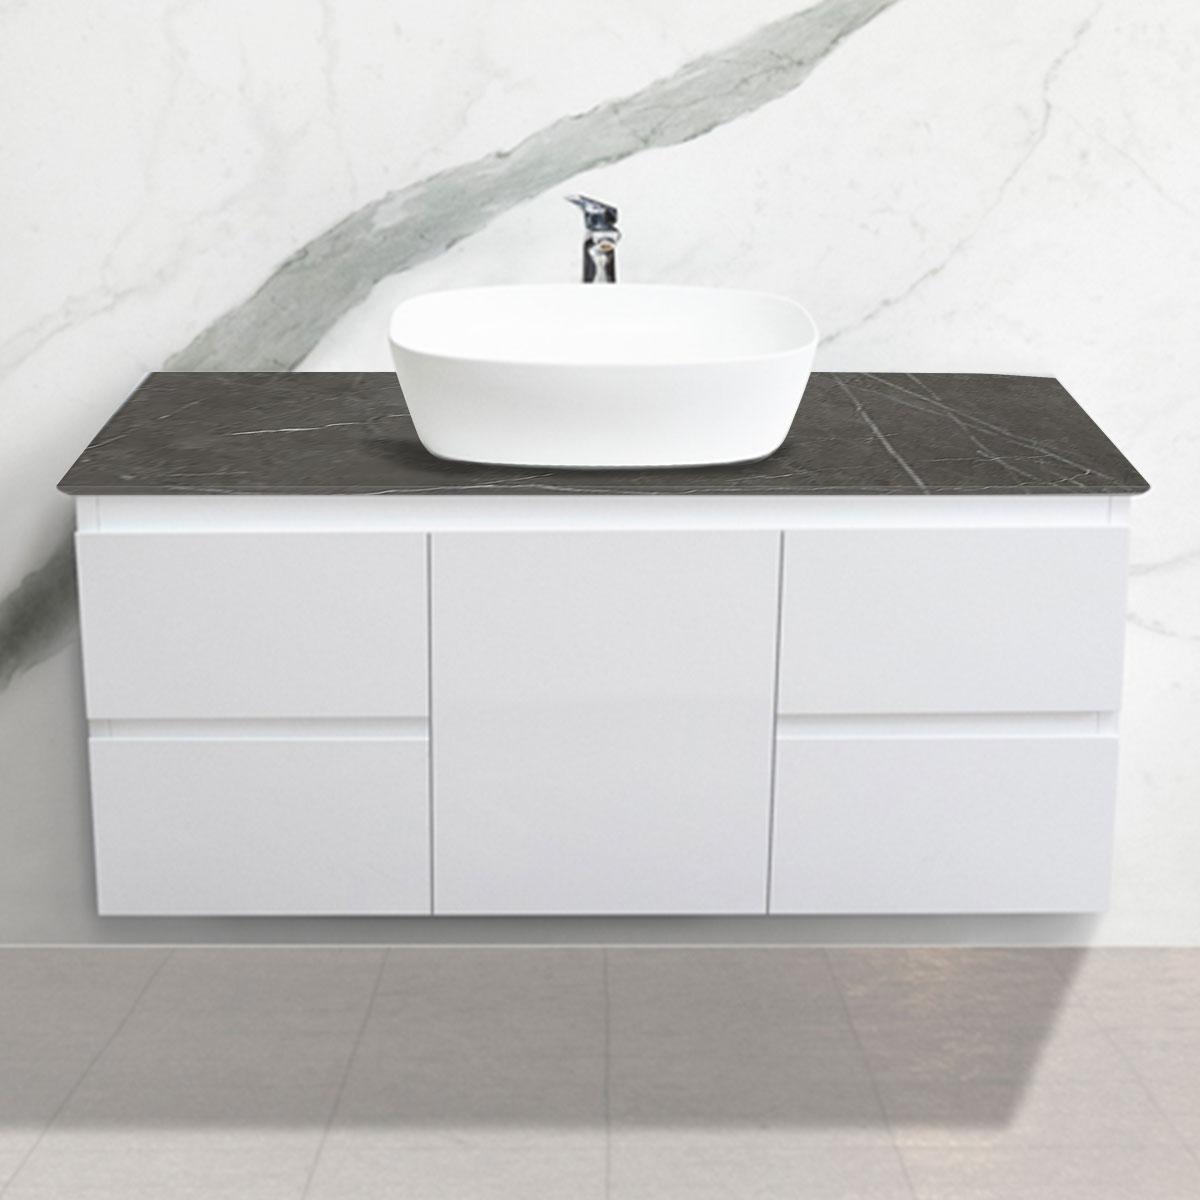 Cabinet - Vanity- 1 Door + 4 Drawers - Pietra Grigia - Stone3 Brisbane